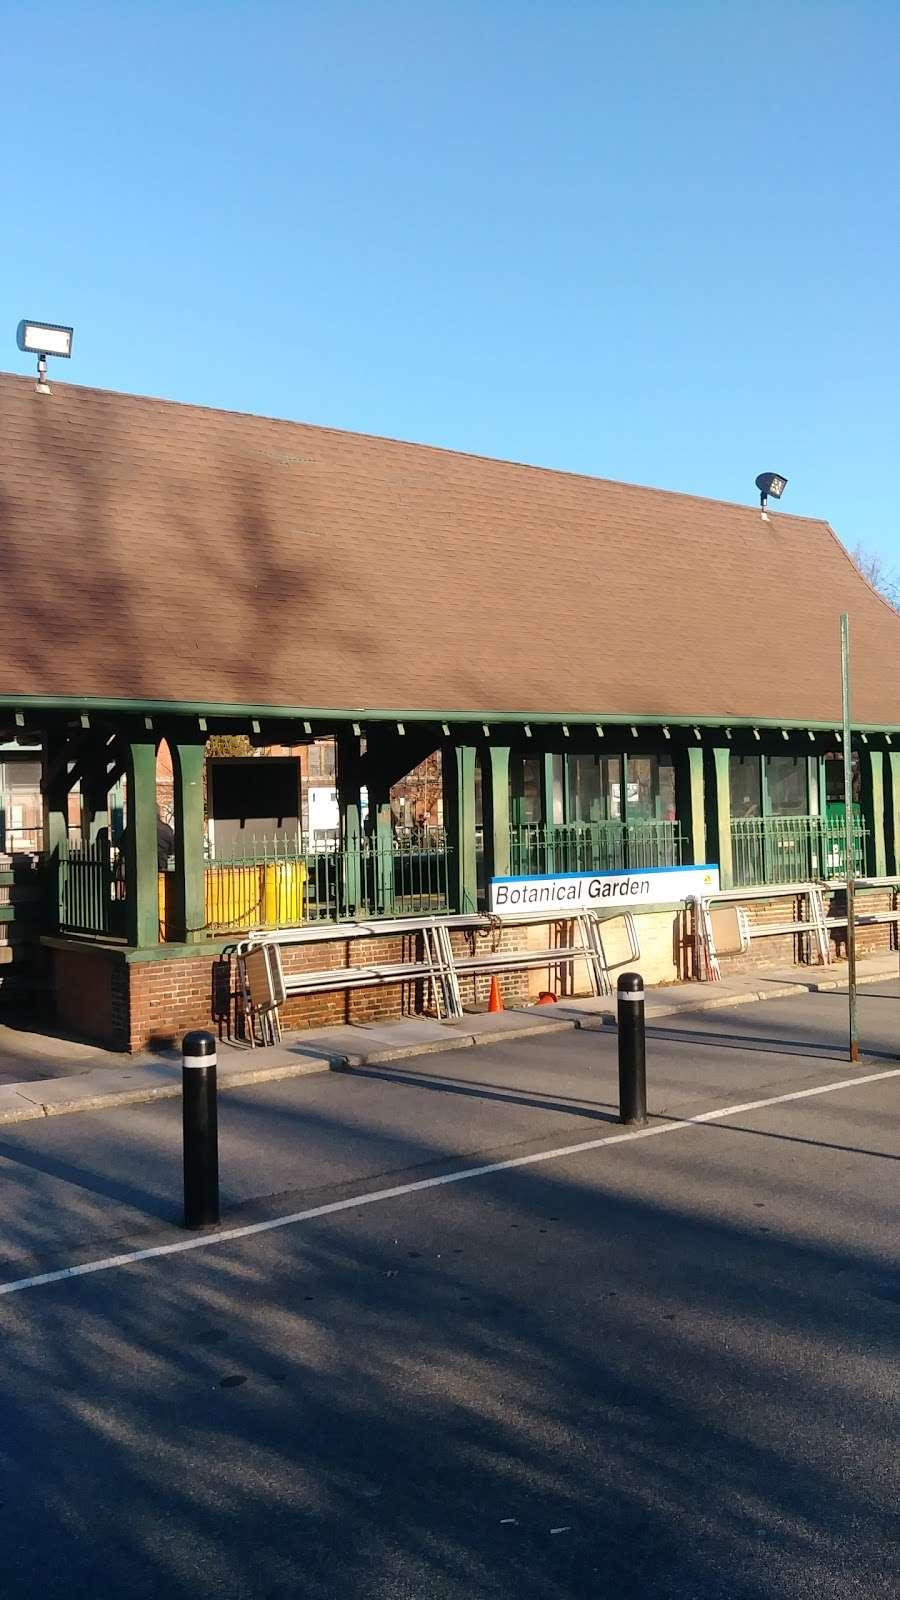 Botanical Gardens Station - museum  | Photo 4 of 7 | Address: 419 Botanical Square S, Bronx, NY 10458, USA | Phone: (212) 490-3460